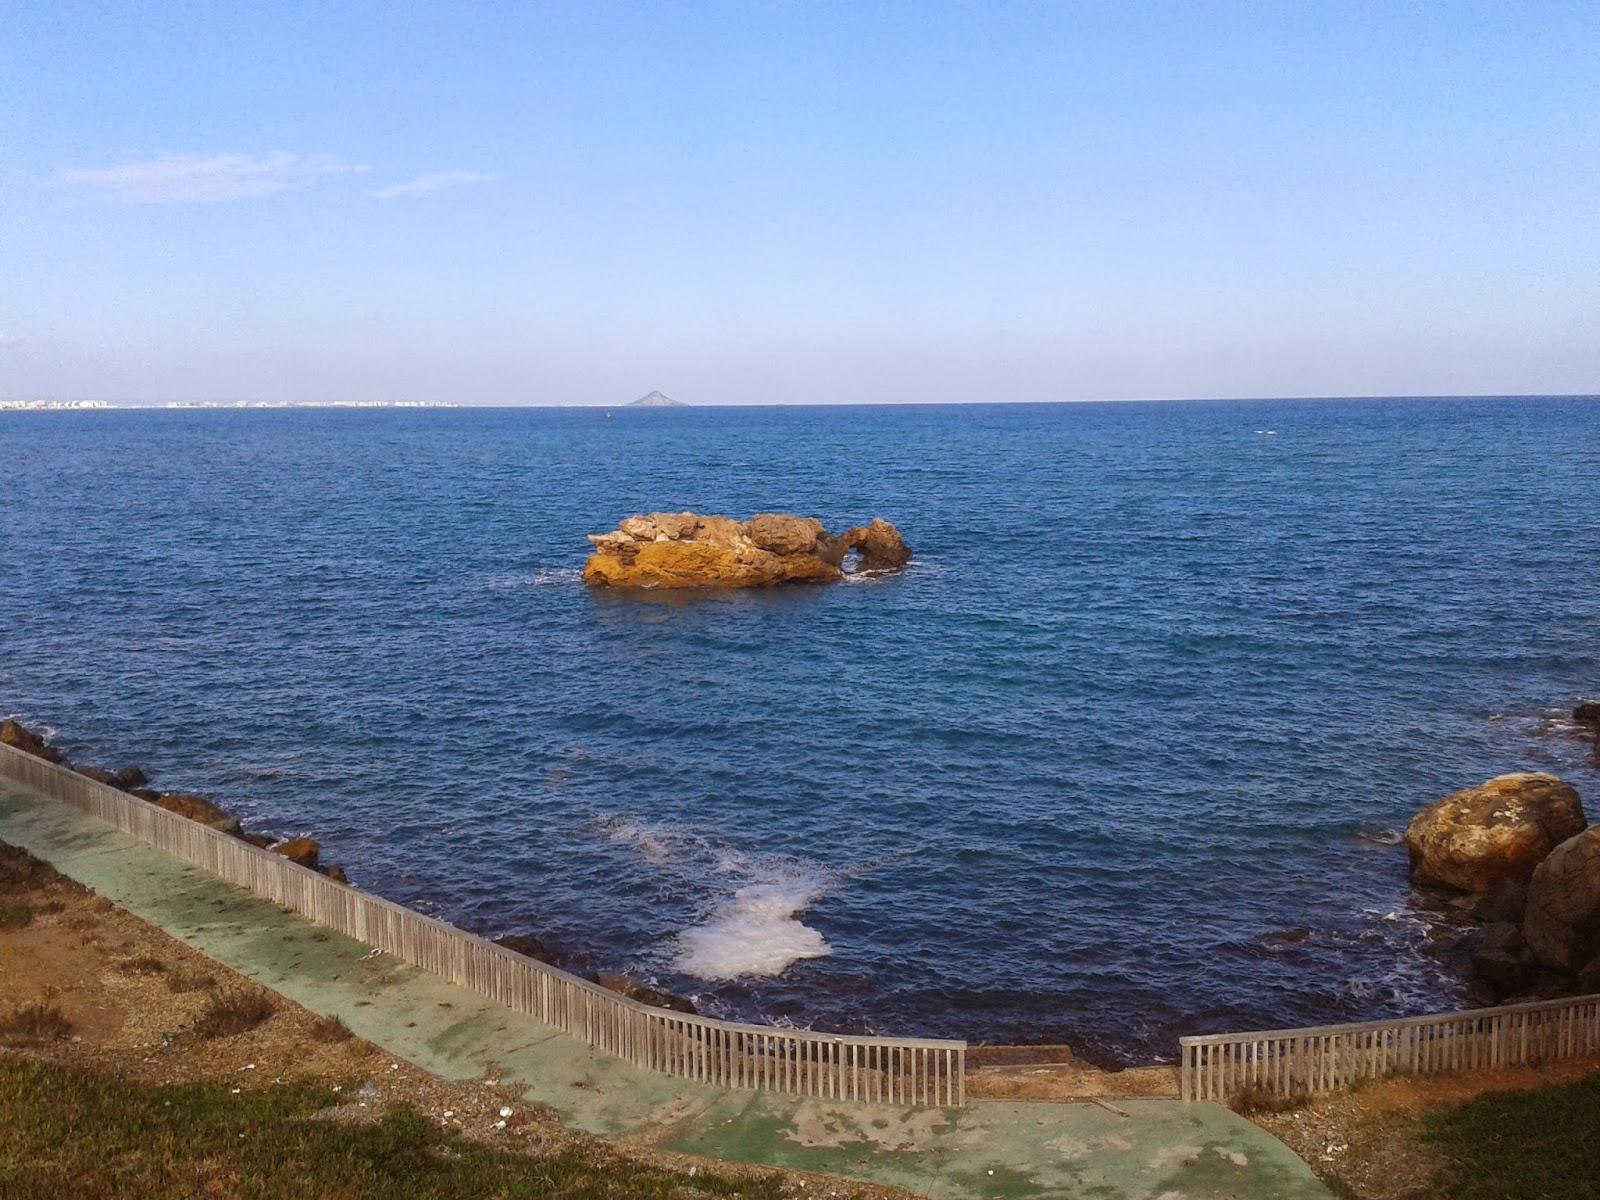 Playas De La Manga Y El Mar Menor La Cala Del Pato